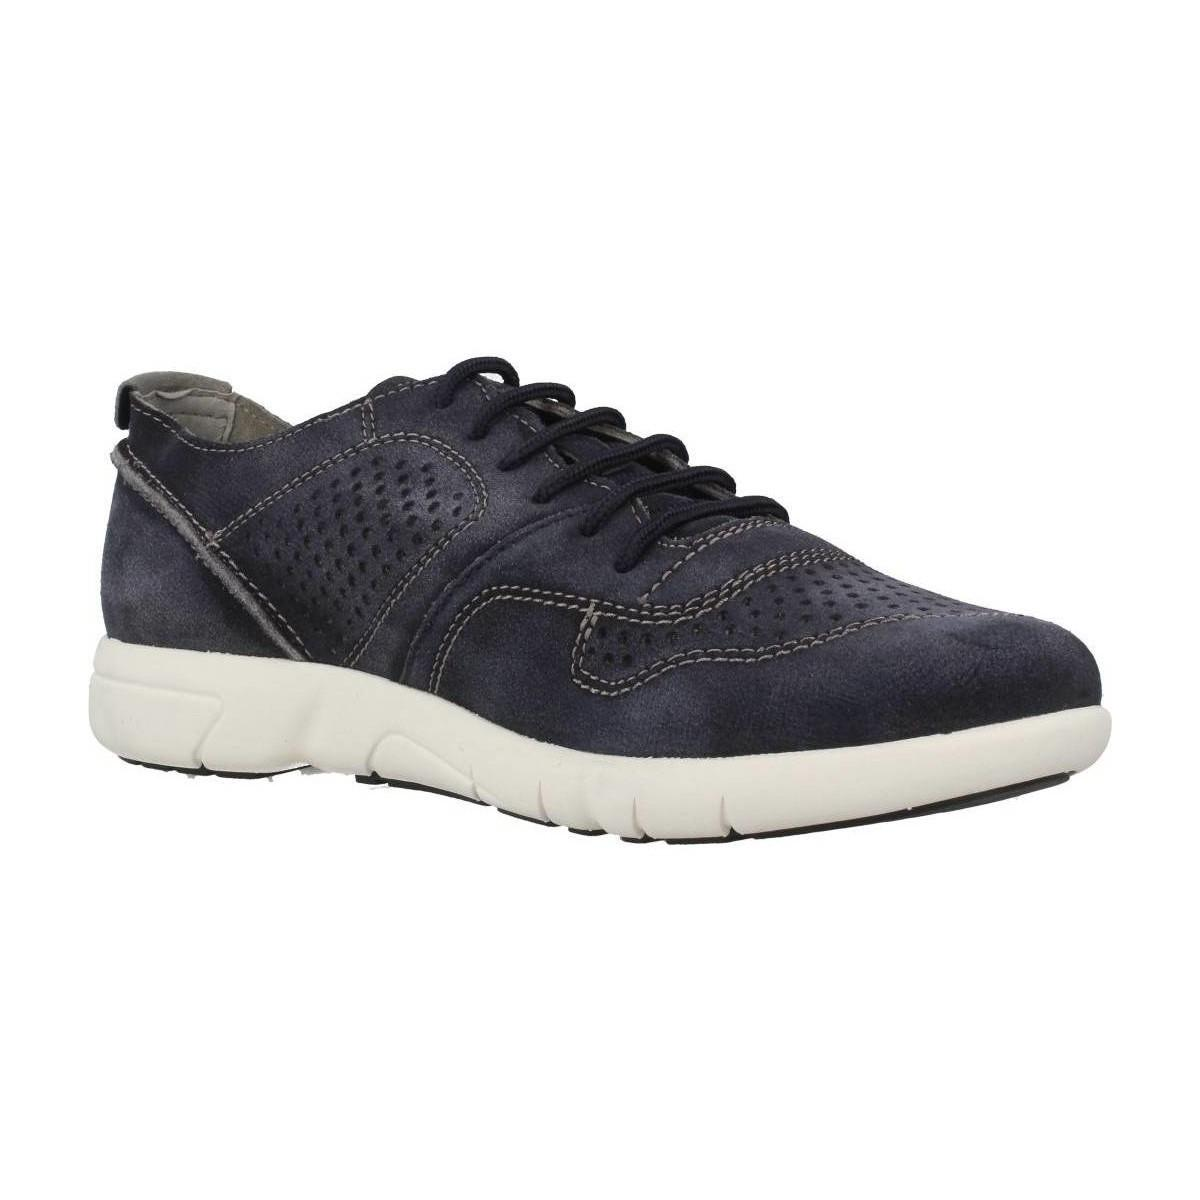 U BRATTLEY Chaussures Geox pour homme en coloris Bleu